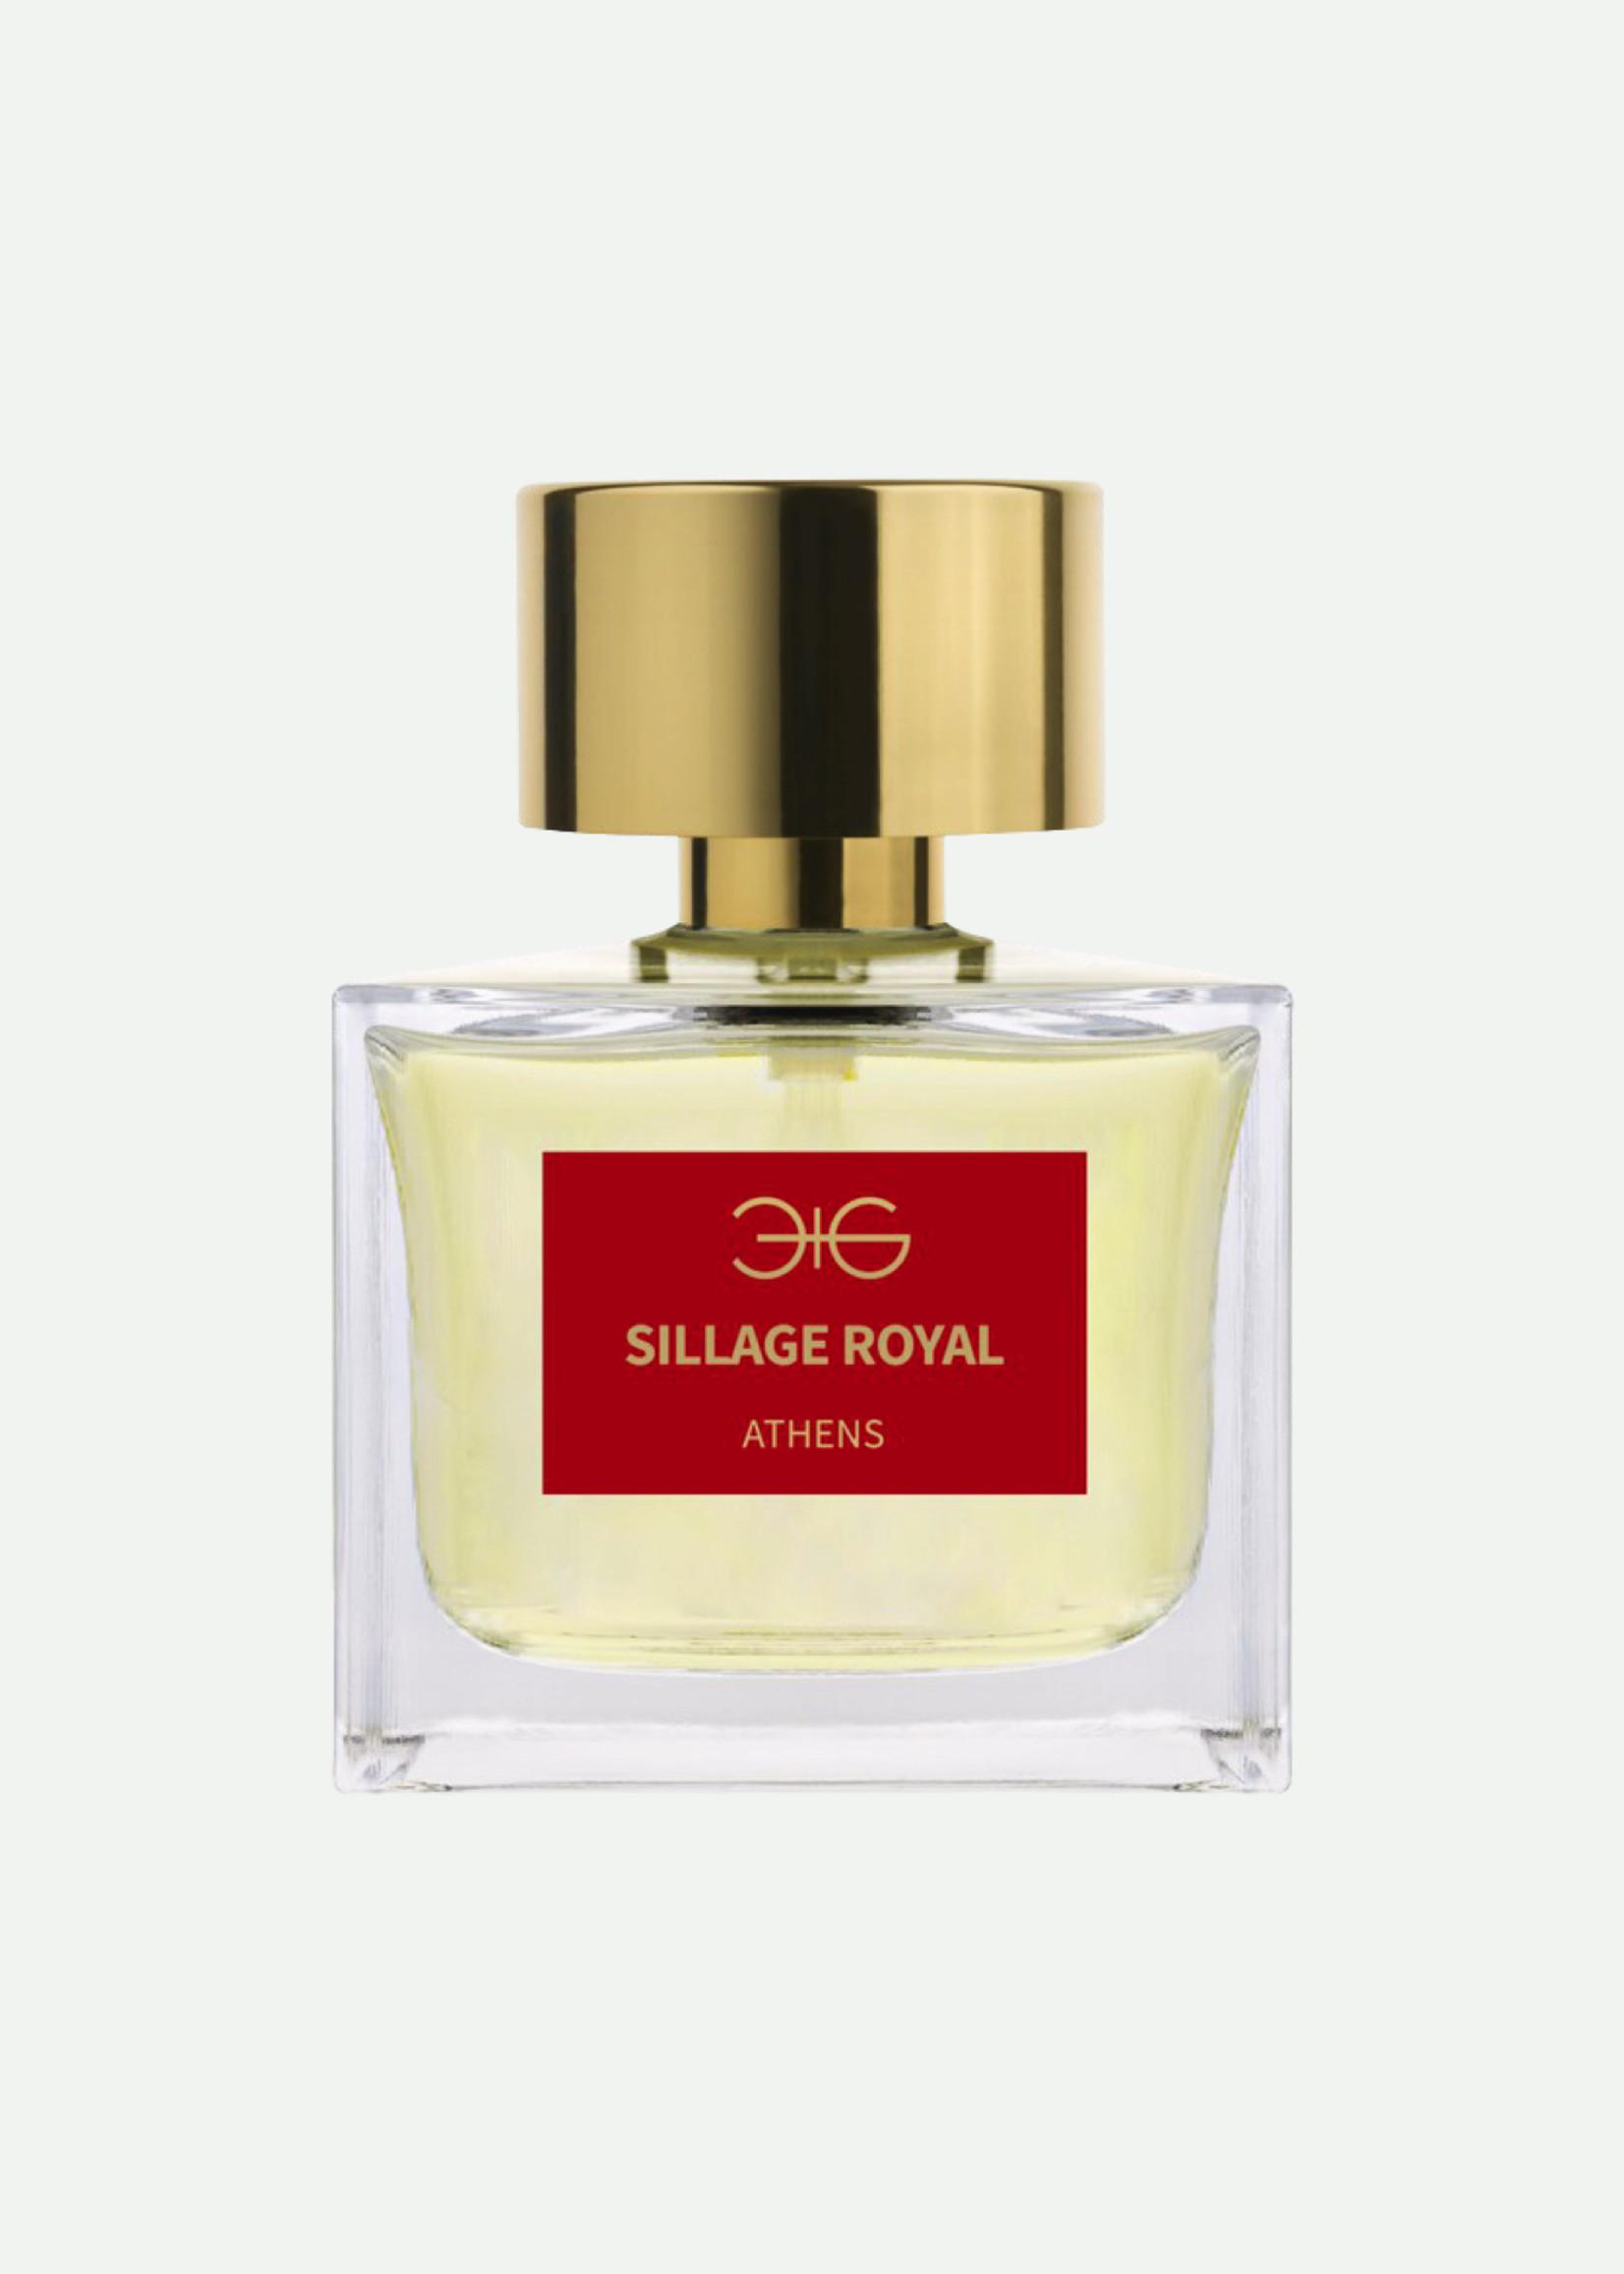 Manos Gerakinis Manos Gerakinis - Sillage Royal - Eau de Parfum